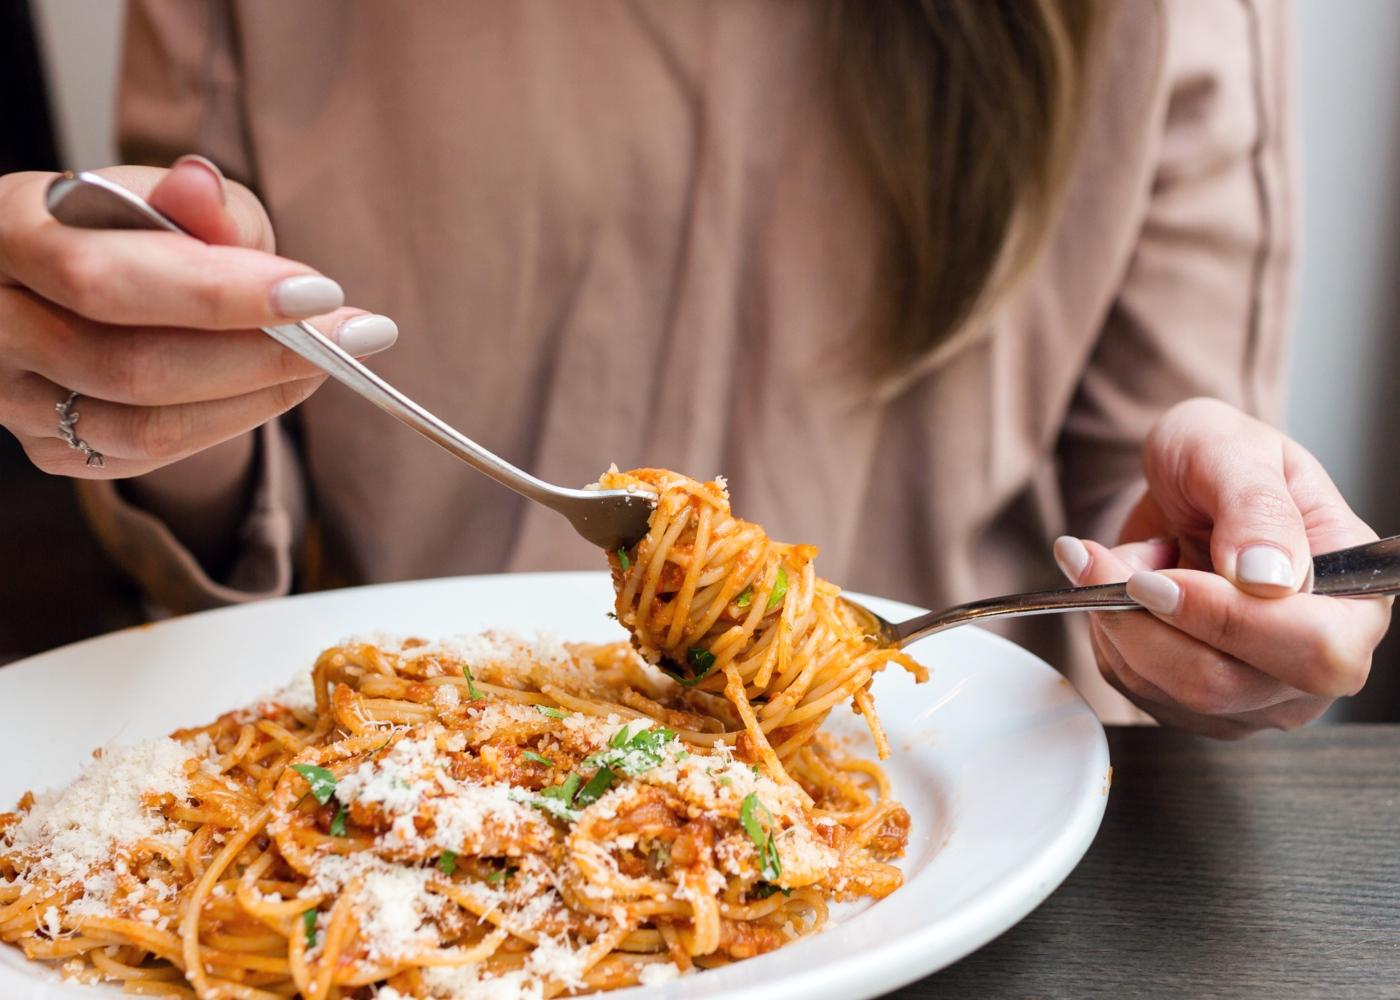 Reduzir a quantidade de hidratos de carbono durante a quarentena: mulher a comer prato de bolonhesa